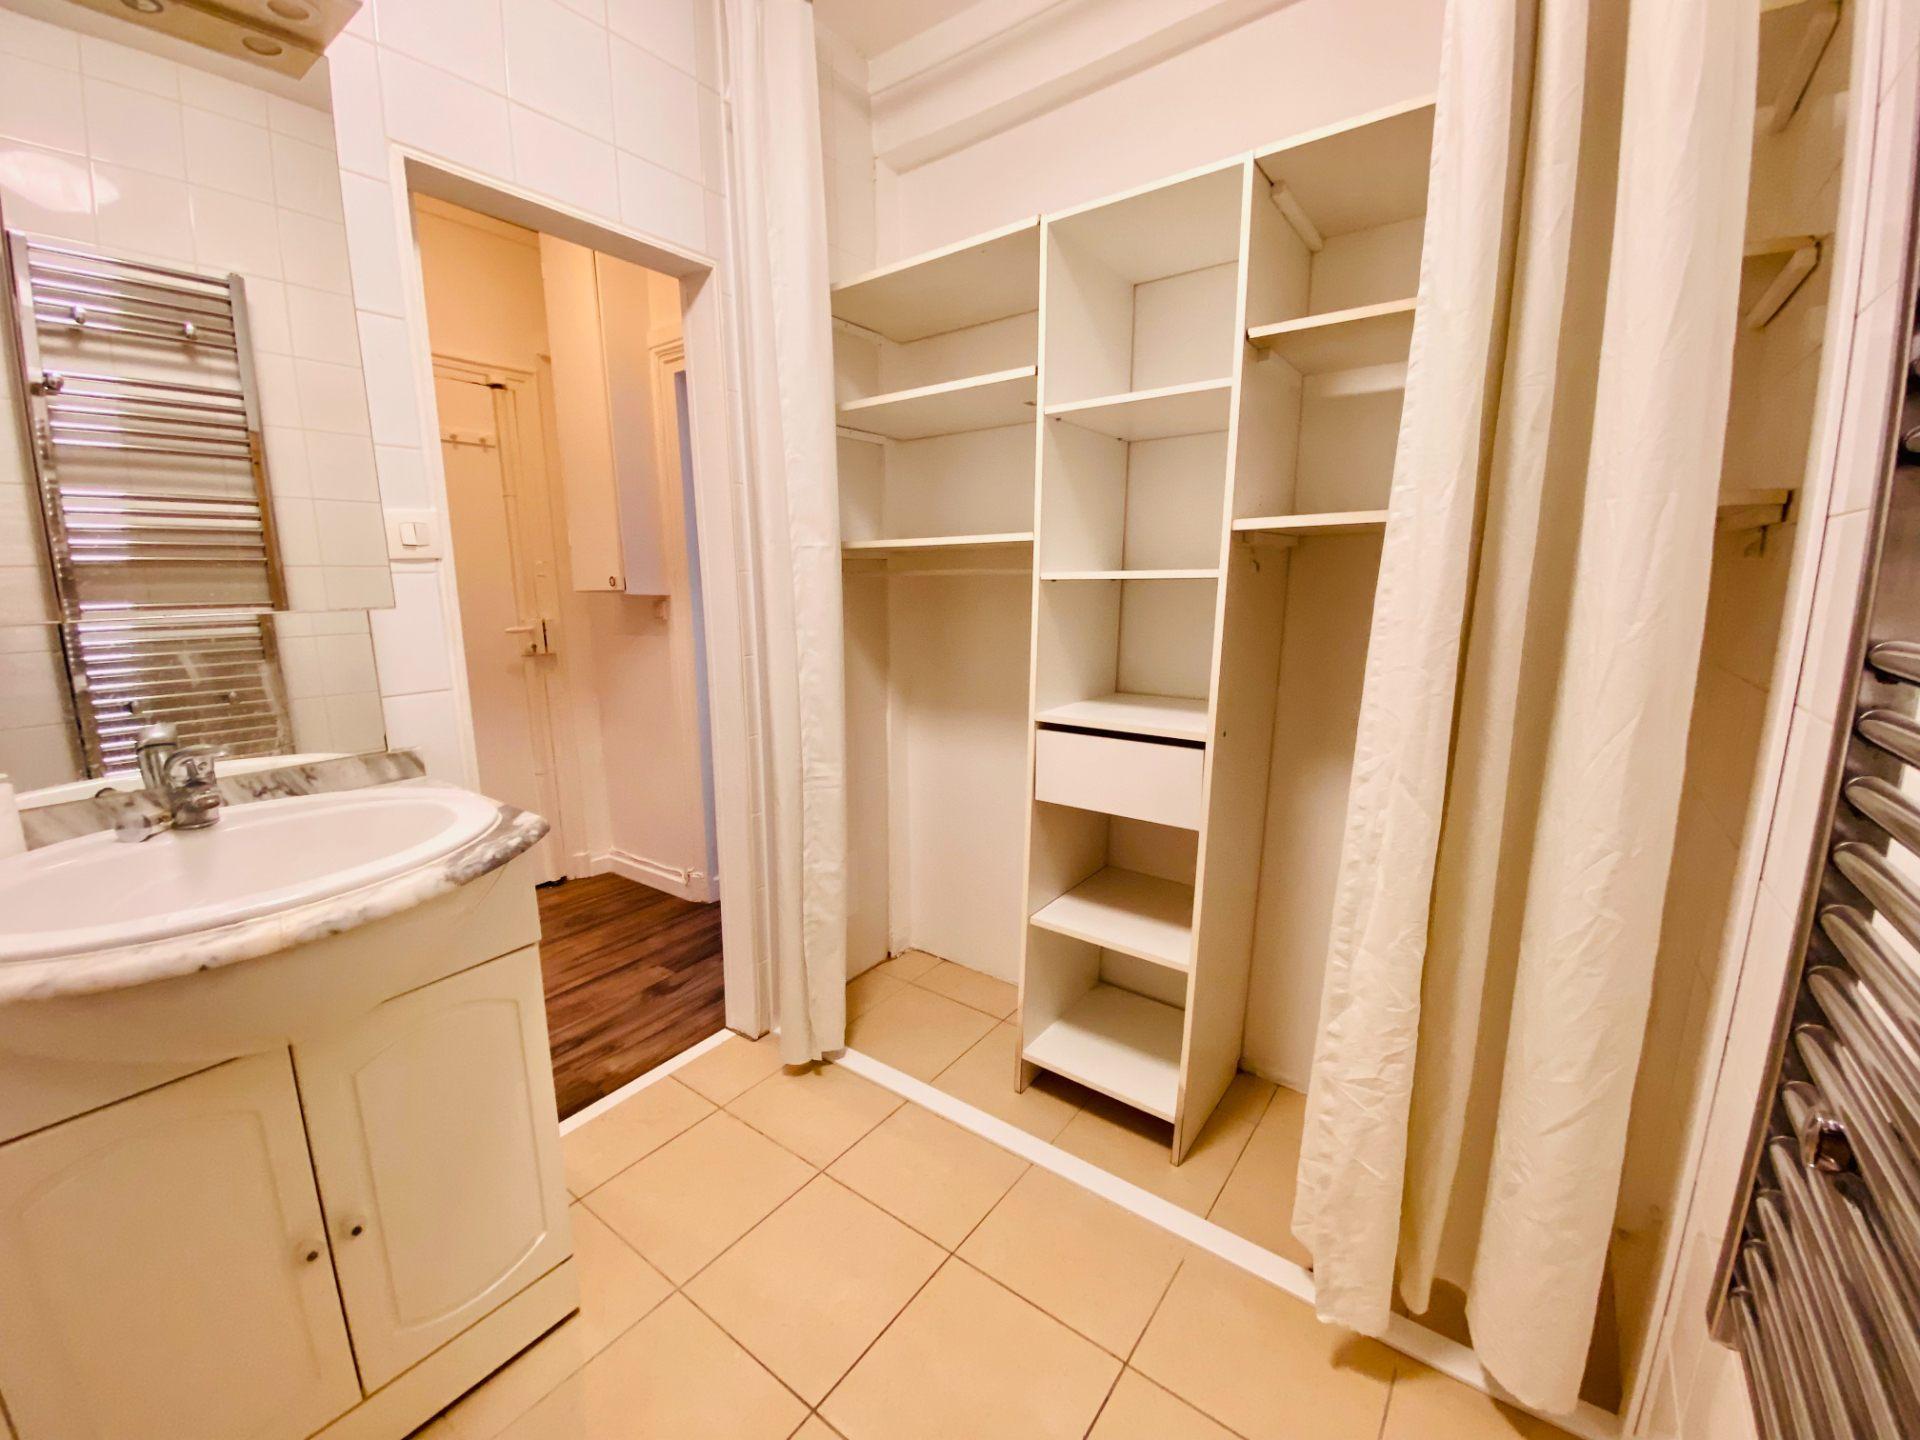 Appartement PARIS 18 – 1 pièce – 23 m2 6